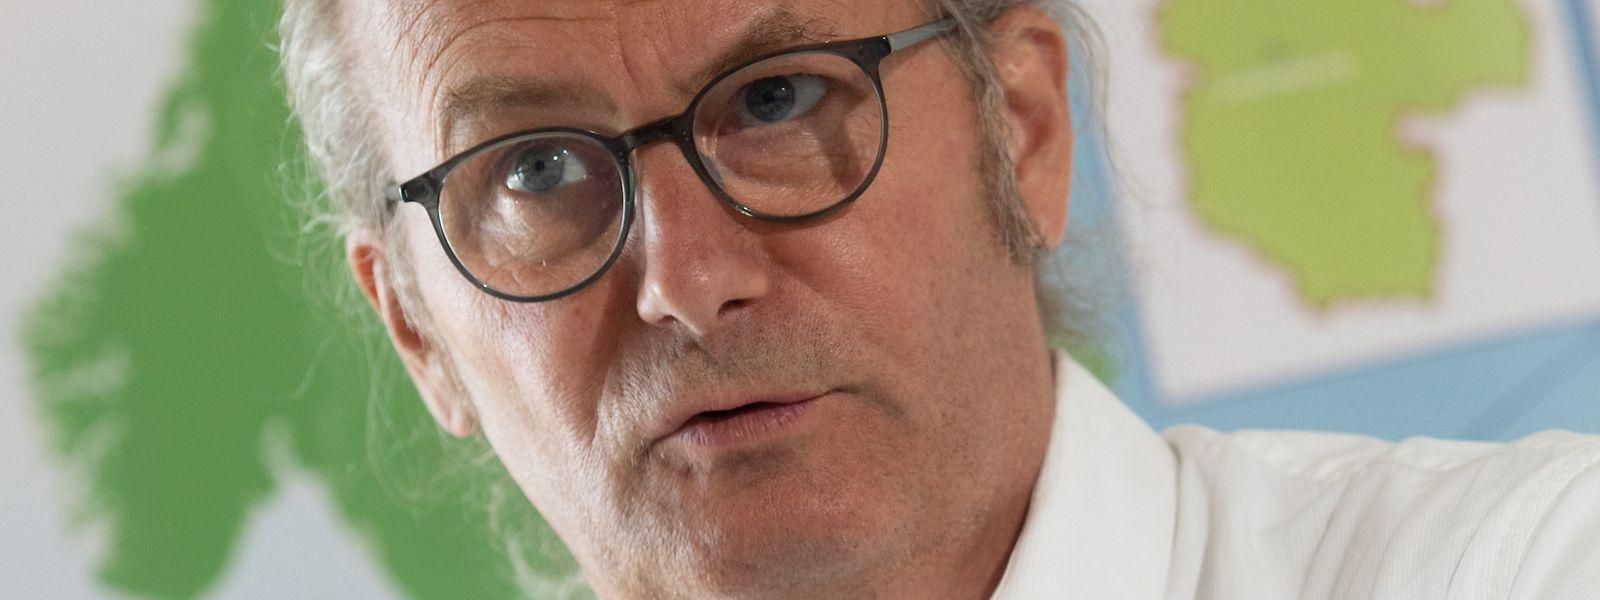 Pour imaginer le Luxembourg de demain, Claude Turmes (Déi Gréng) entend s'appuyer non seulement sur des experts internationaux, mais aussi sur des citoyens. Objectif: une société climatiquement neutre d'ici 2050.